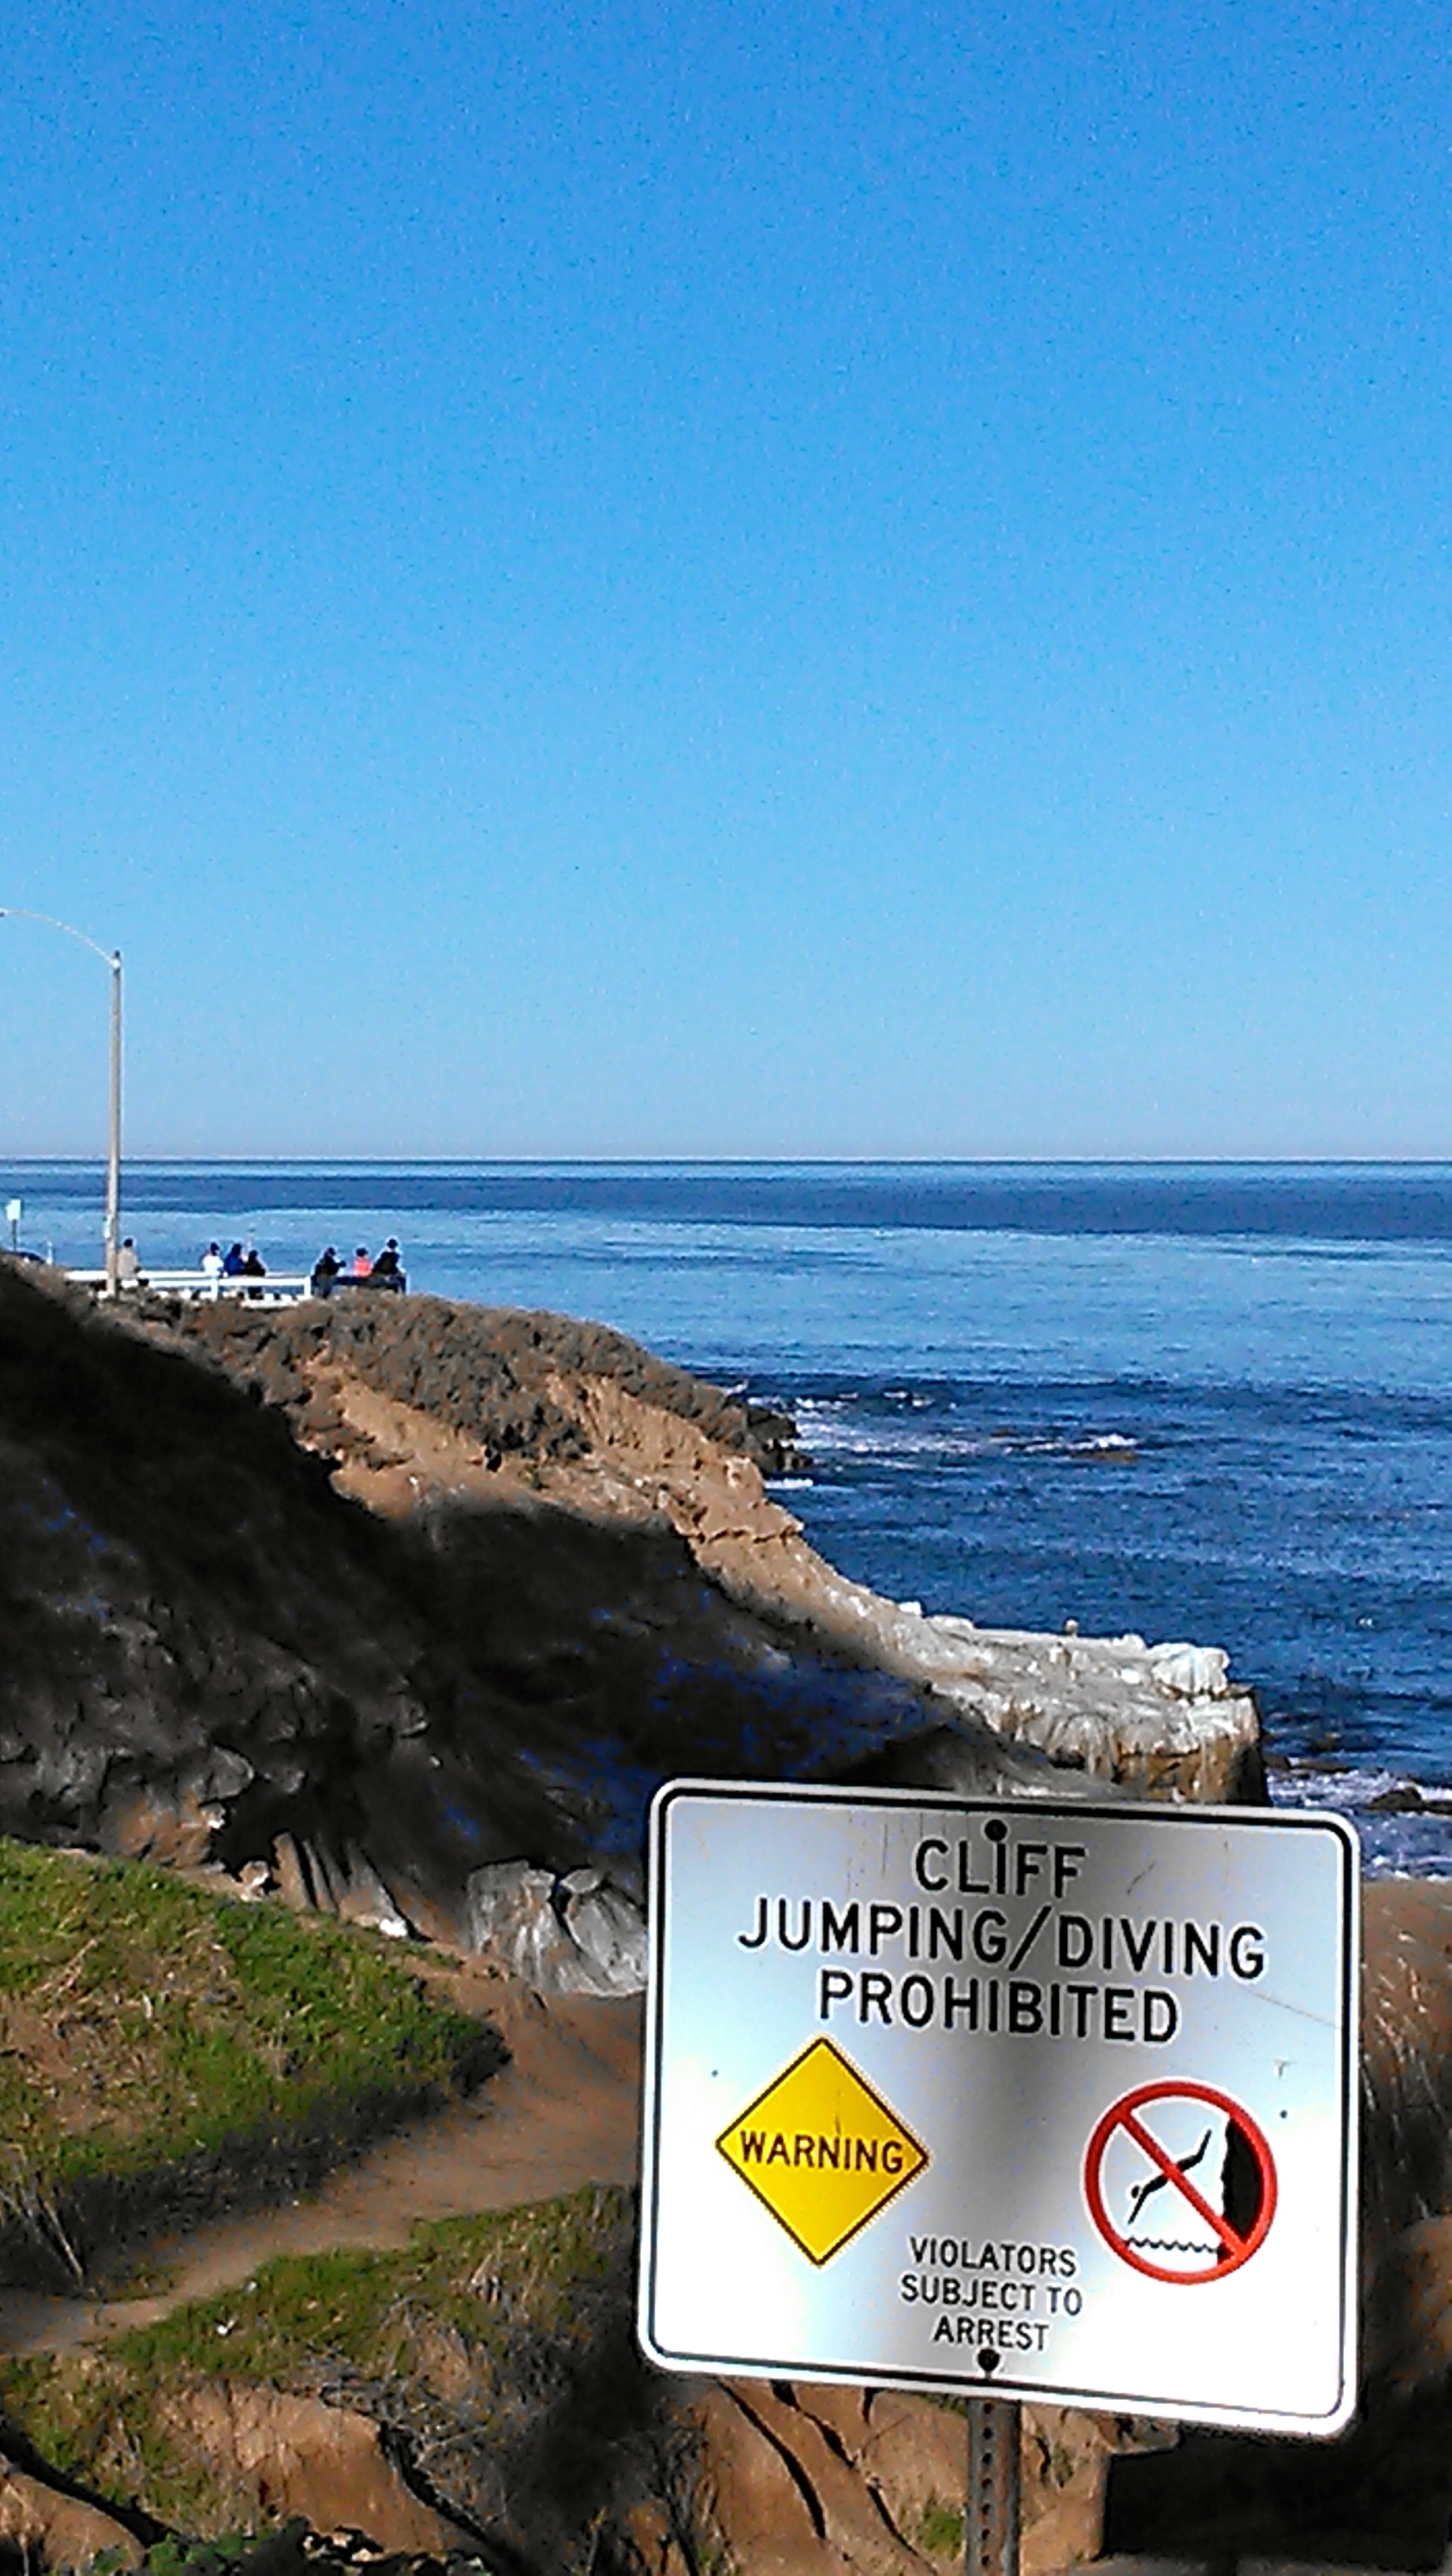 Cliffs at La Jolla